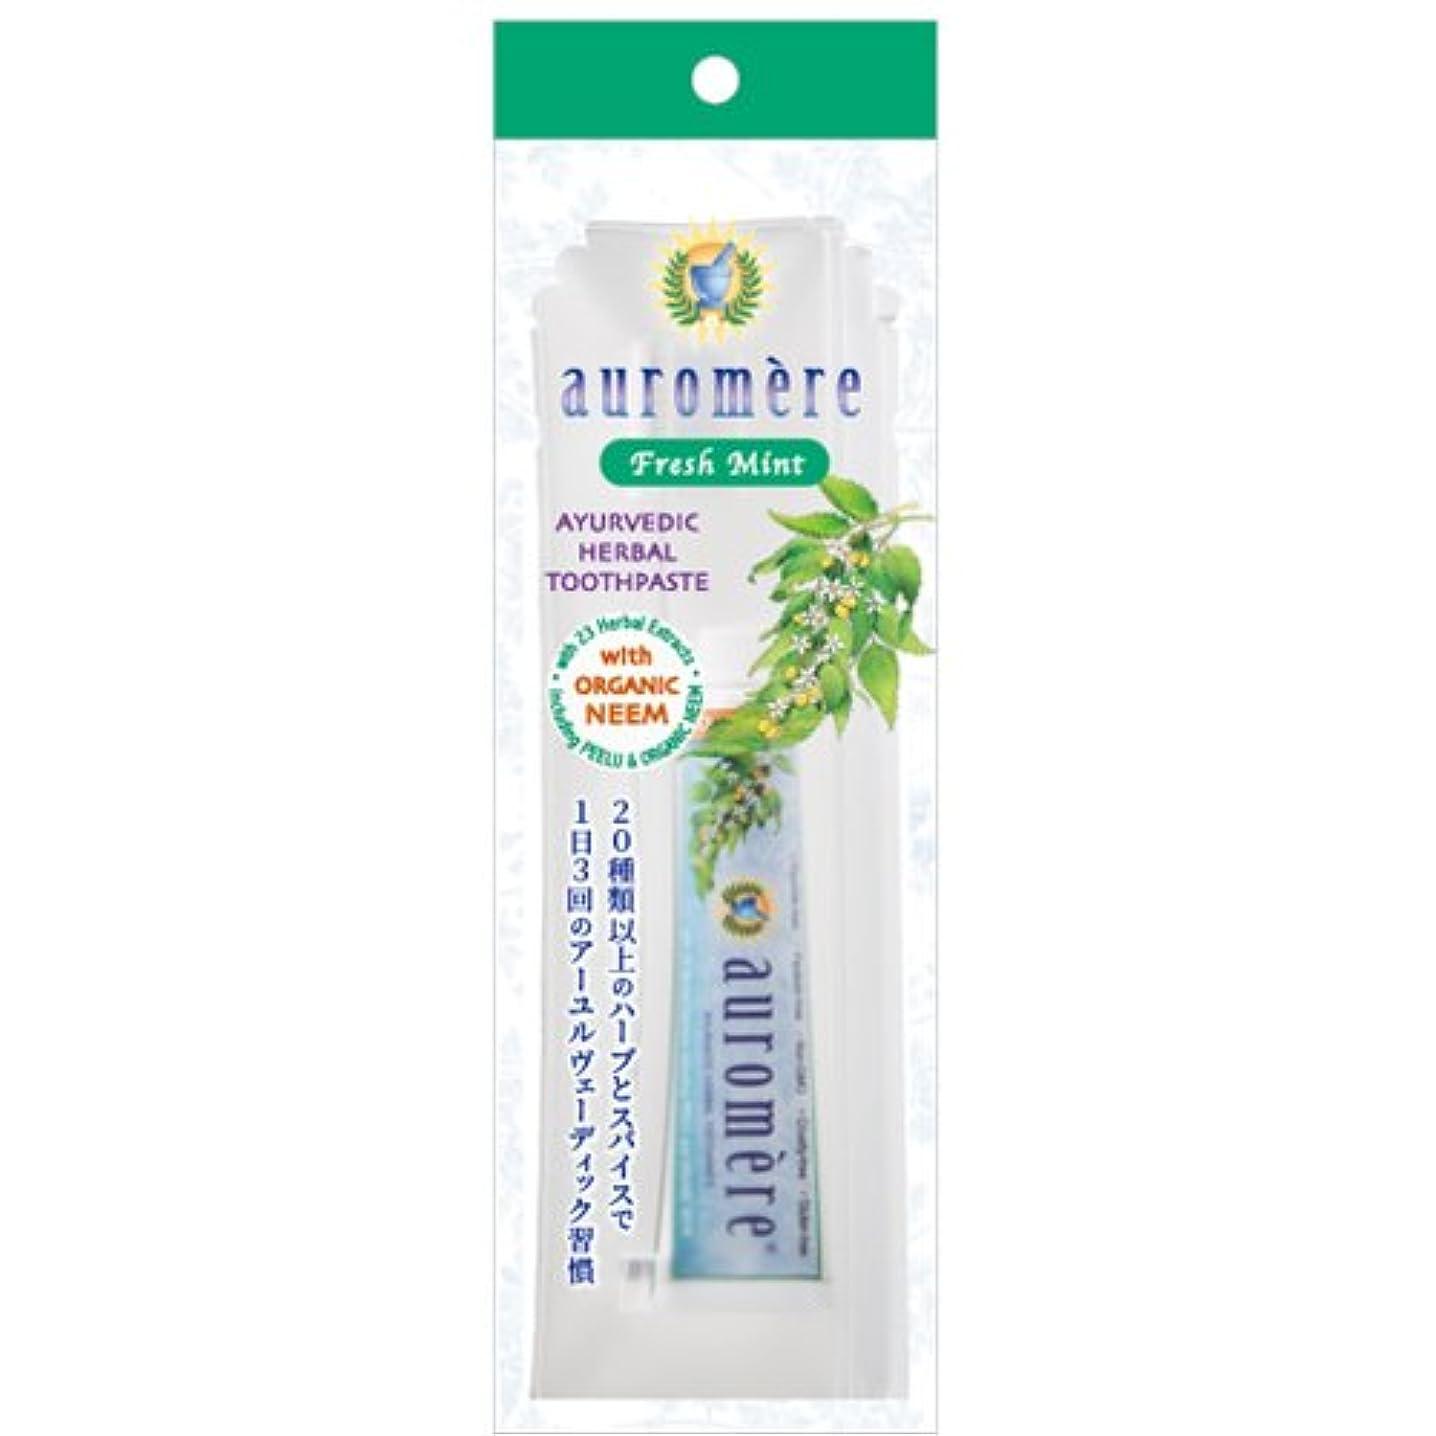 乱用クリップ素敵なオーロメア 歯磨き粉 フレッシュミント トラベルセット (30g)